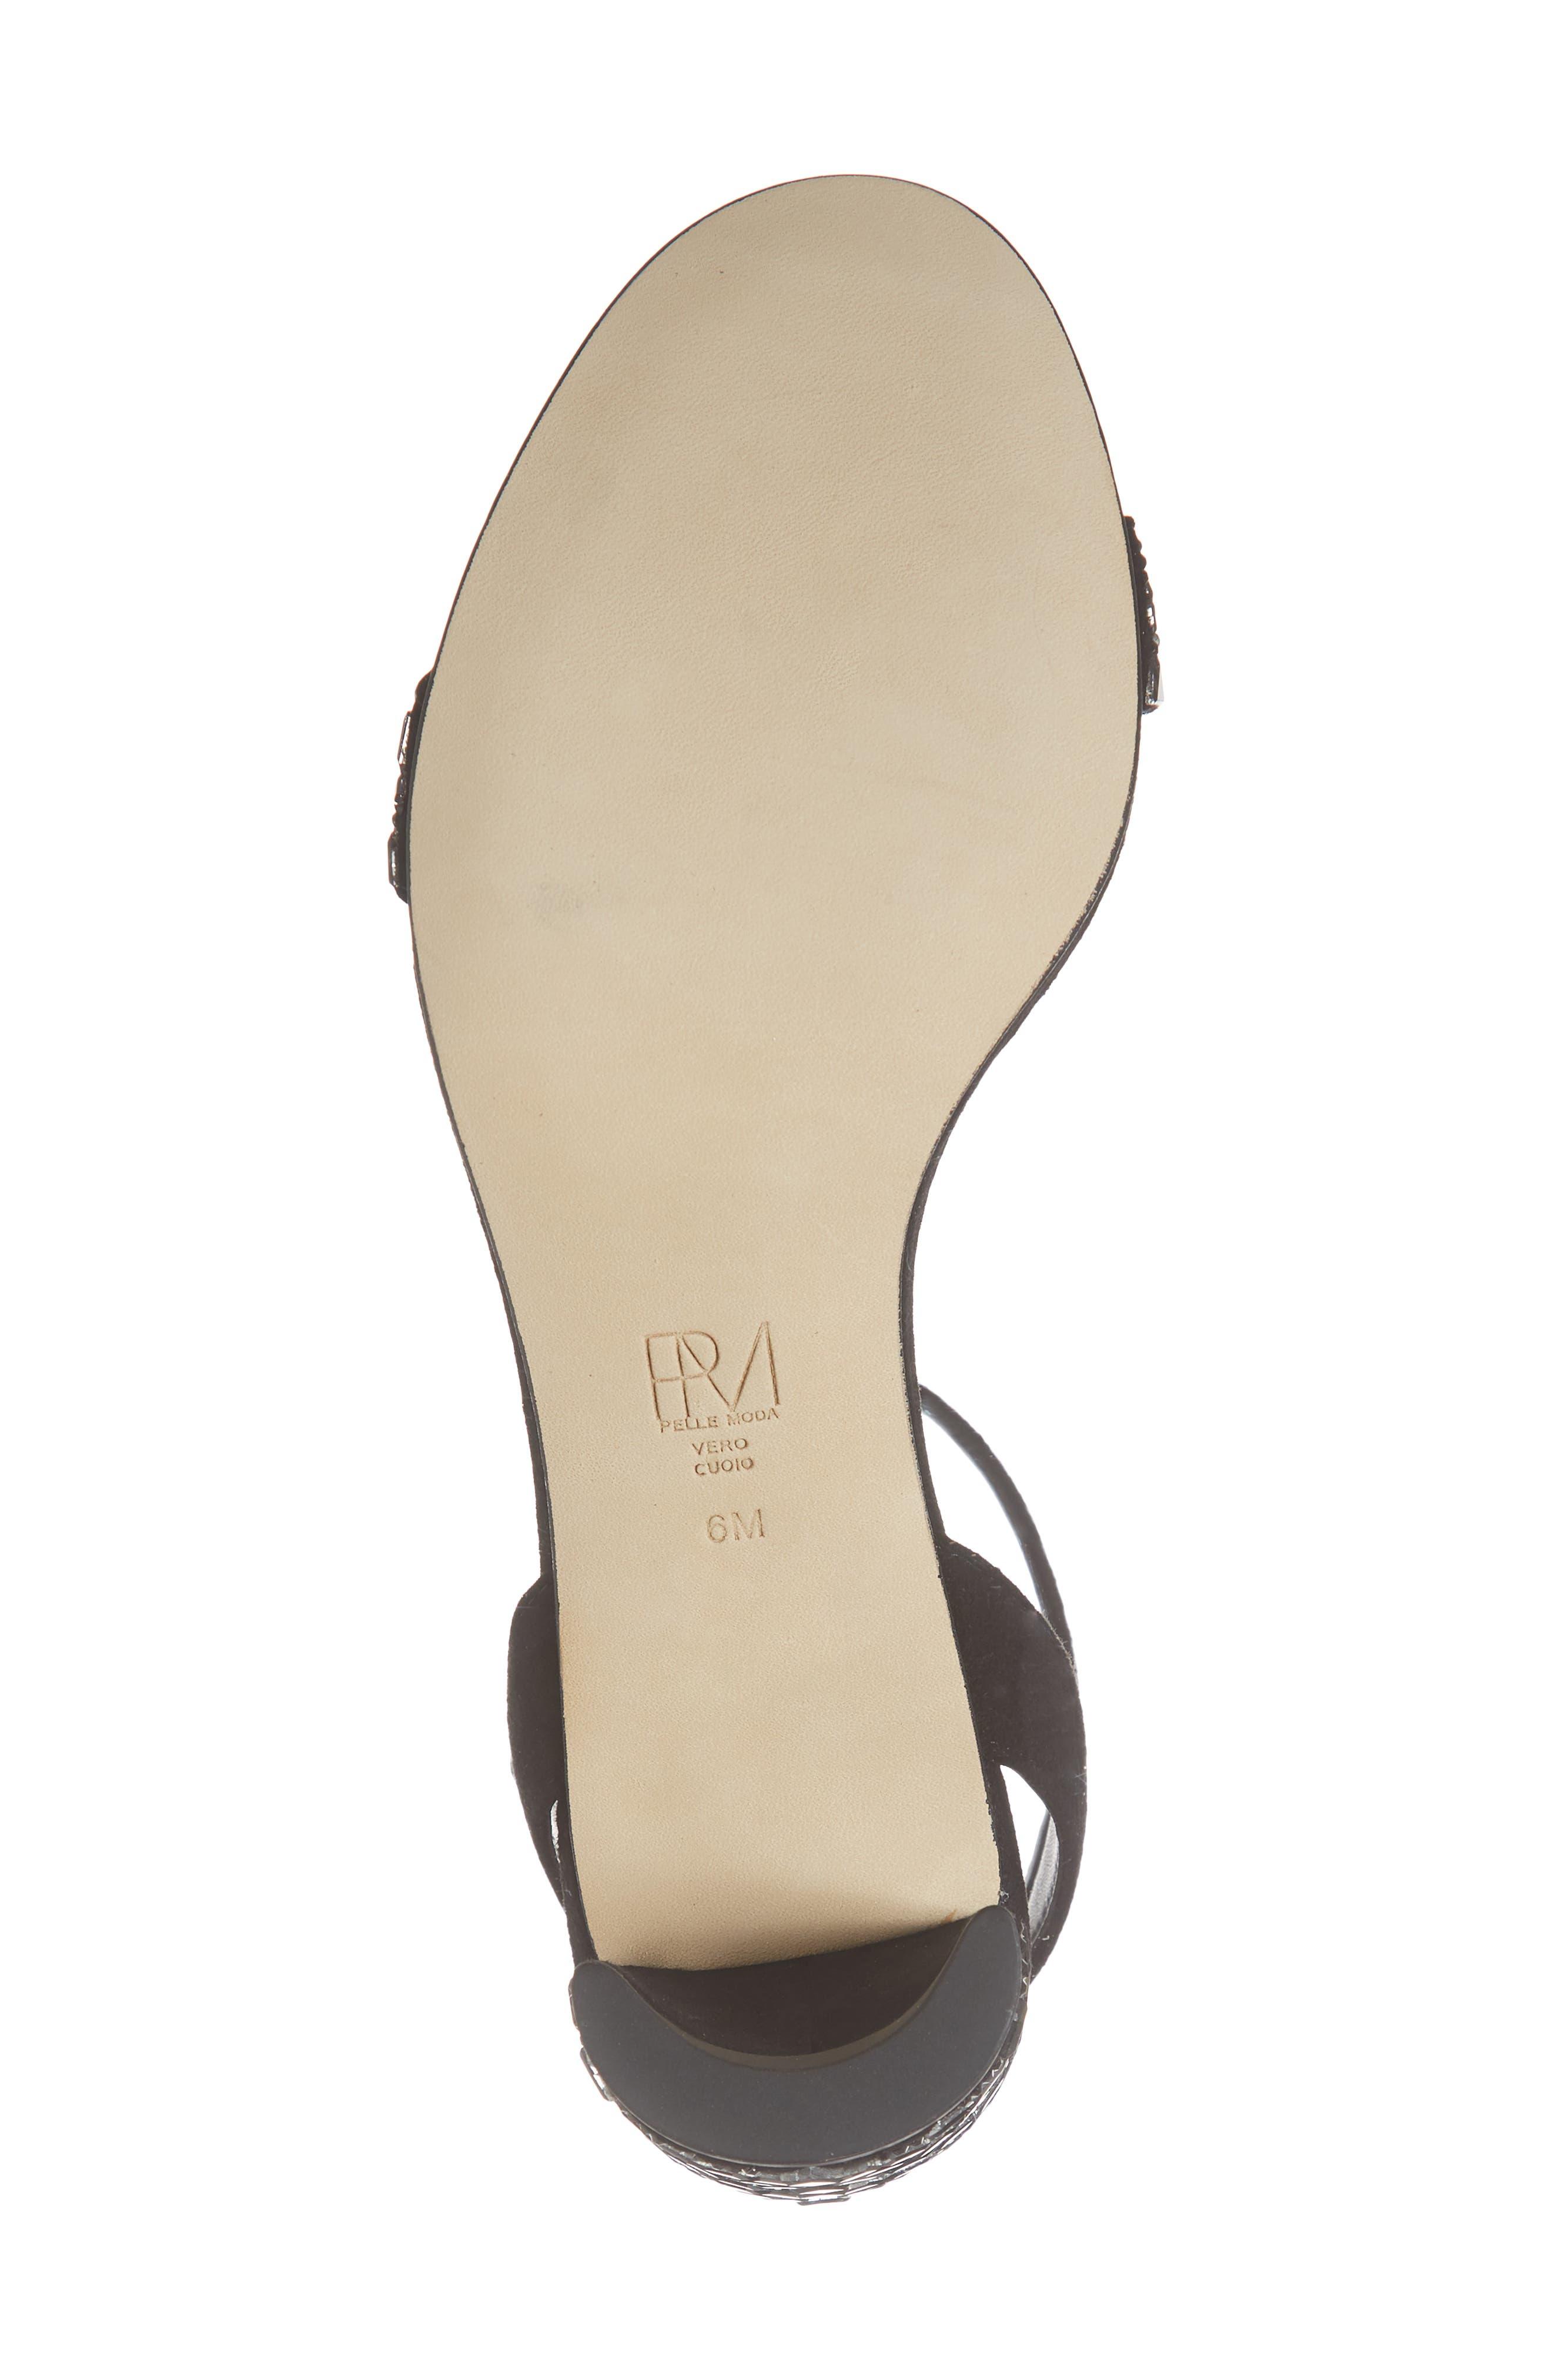 Moira Crystal Embellished Sandal,                             Alternate thumbnail 6, color,                             BLACK SUEDE